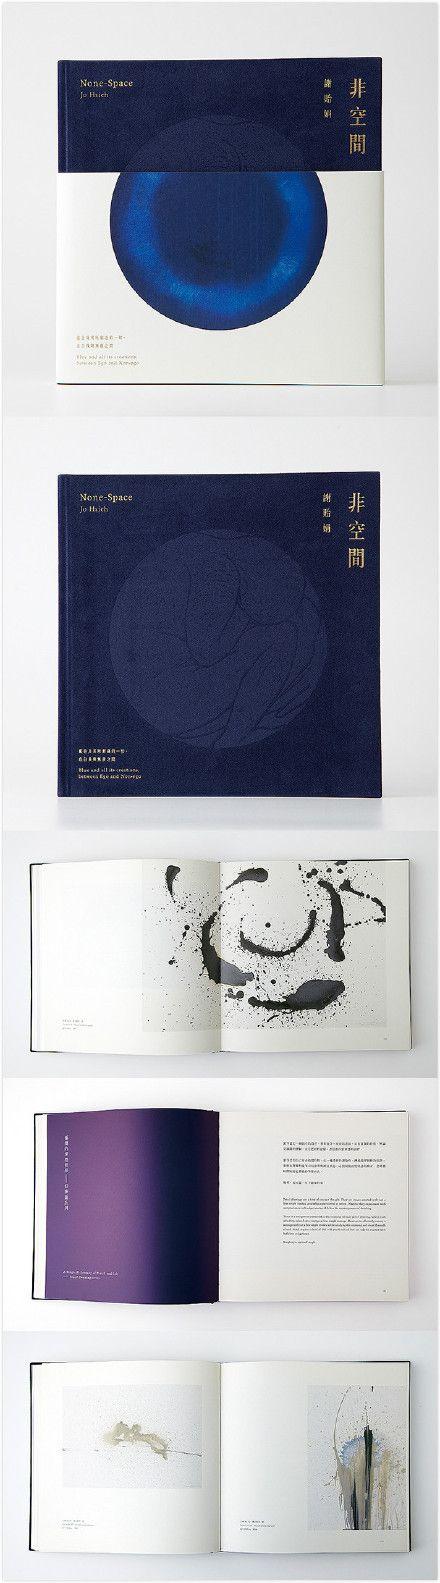 台湾设计师 yu-kai hung 书籍...